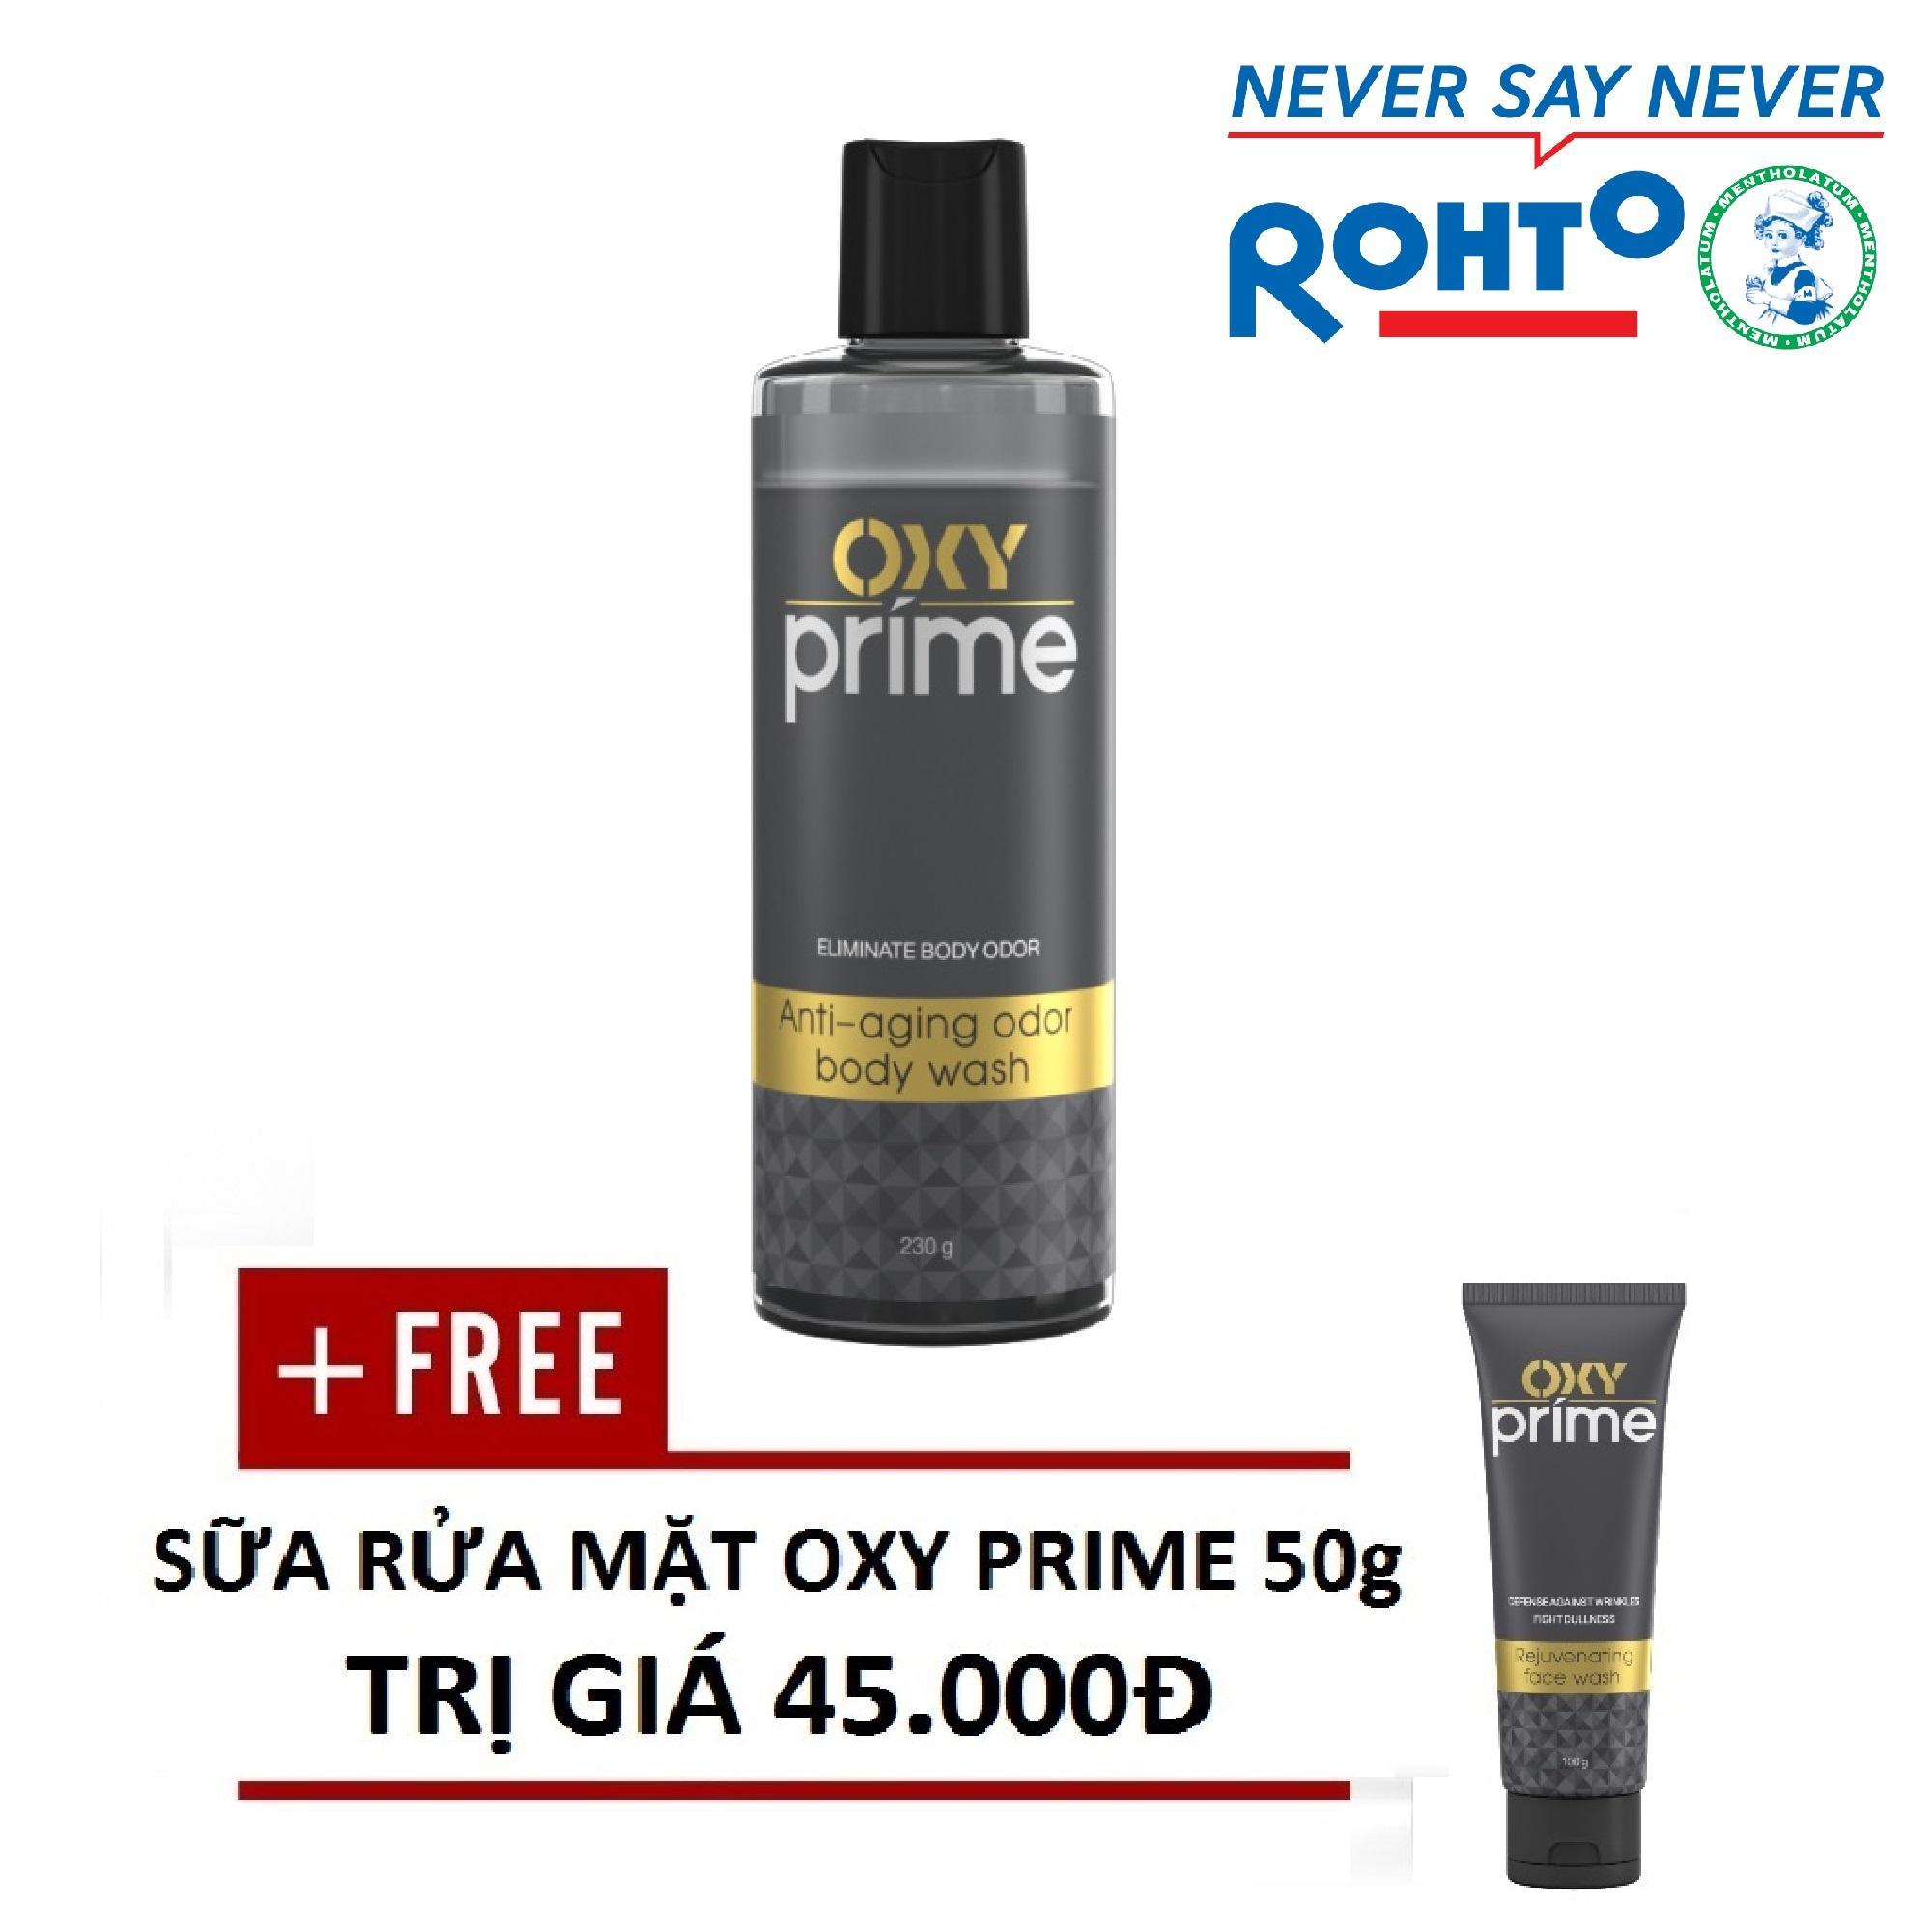 Hình ảnh Sữa tắm khử mùi Oxy Prime 230g + Tặng Kem rửa mặt OXY Prime 50g